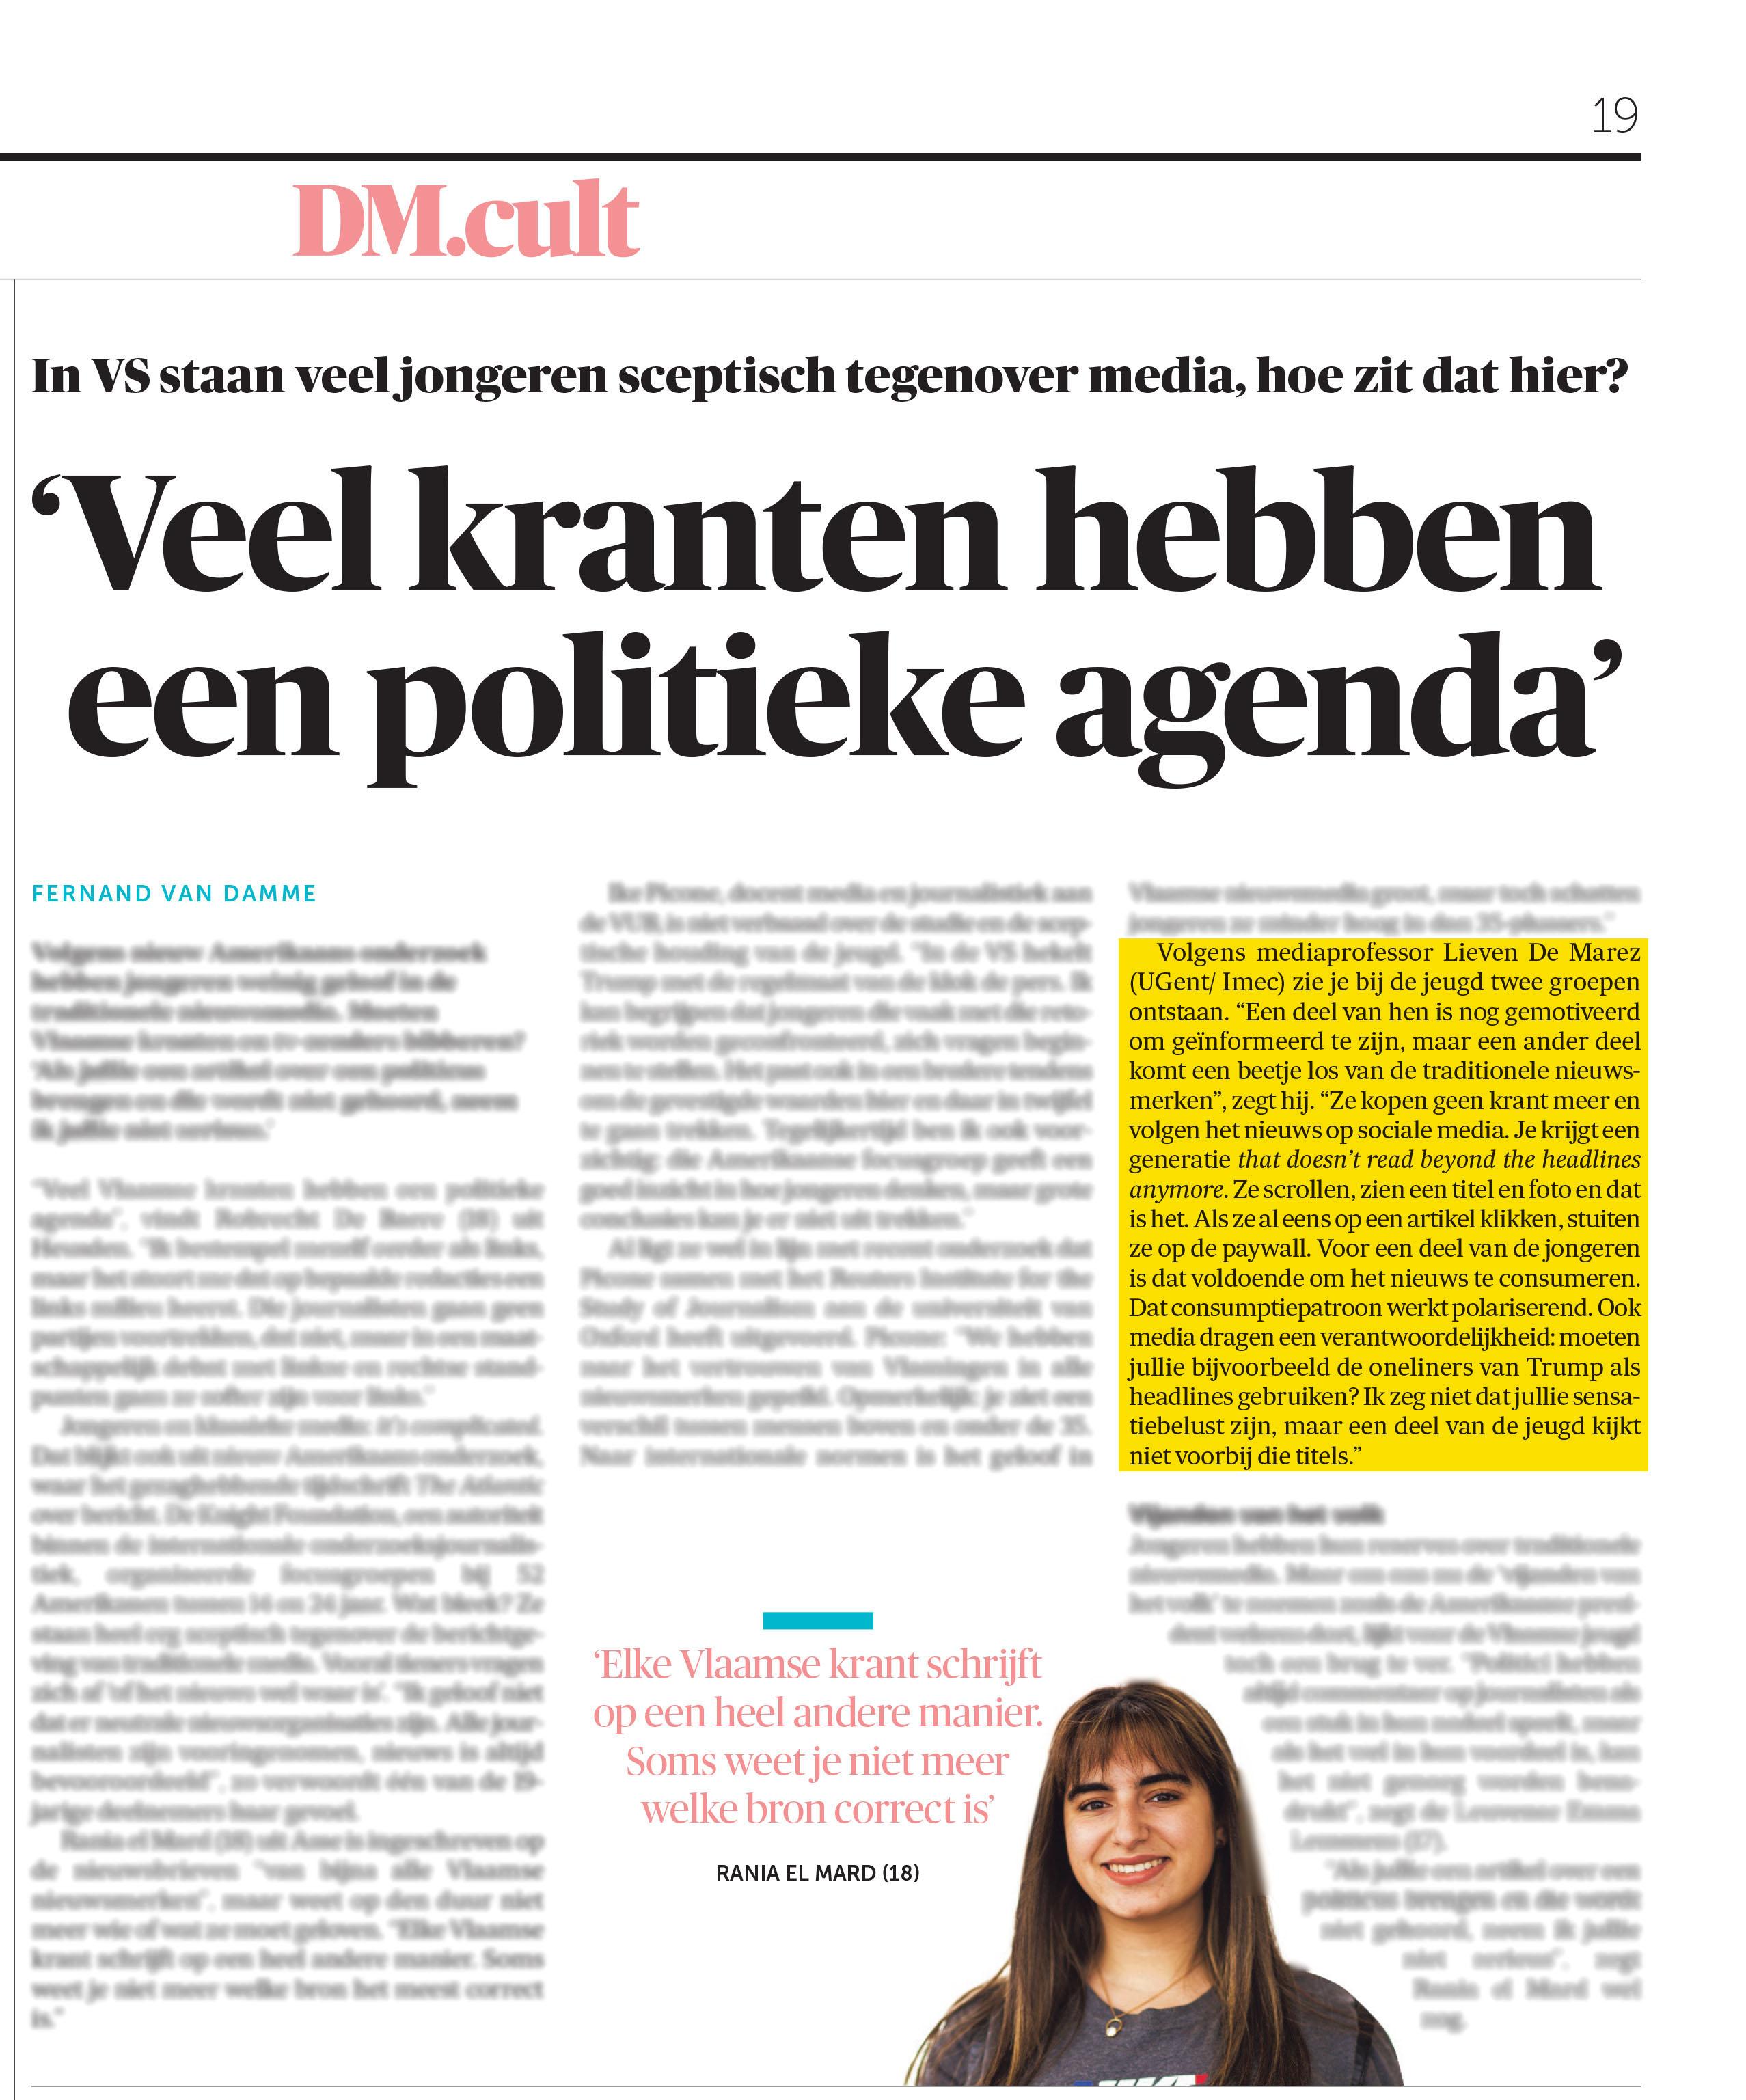 BRON: De Morgen, 04/09/2018, p. 19